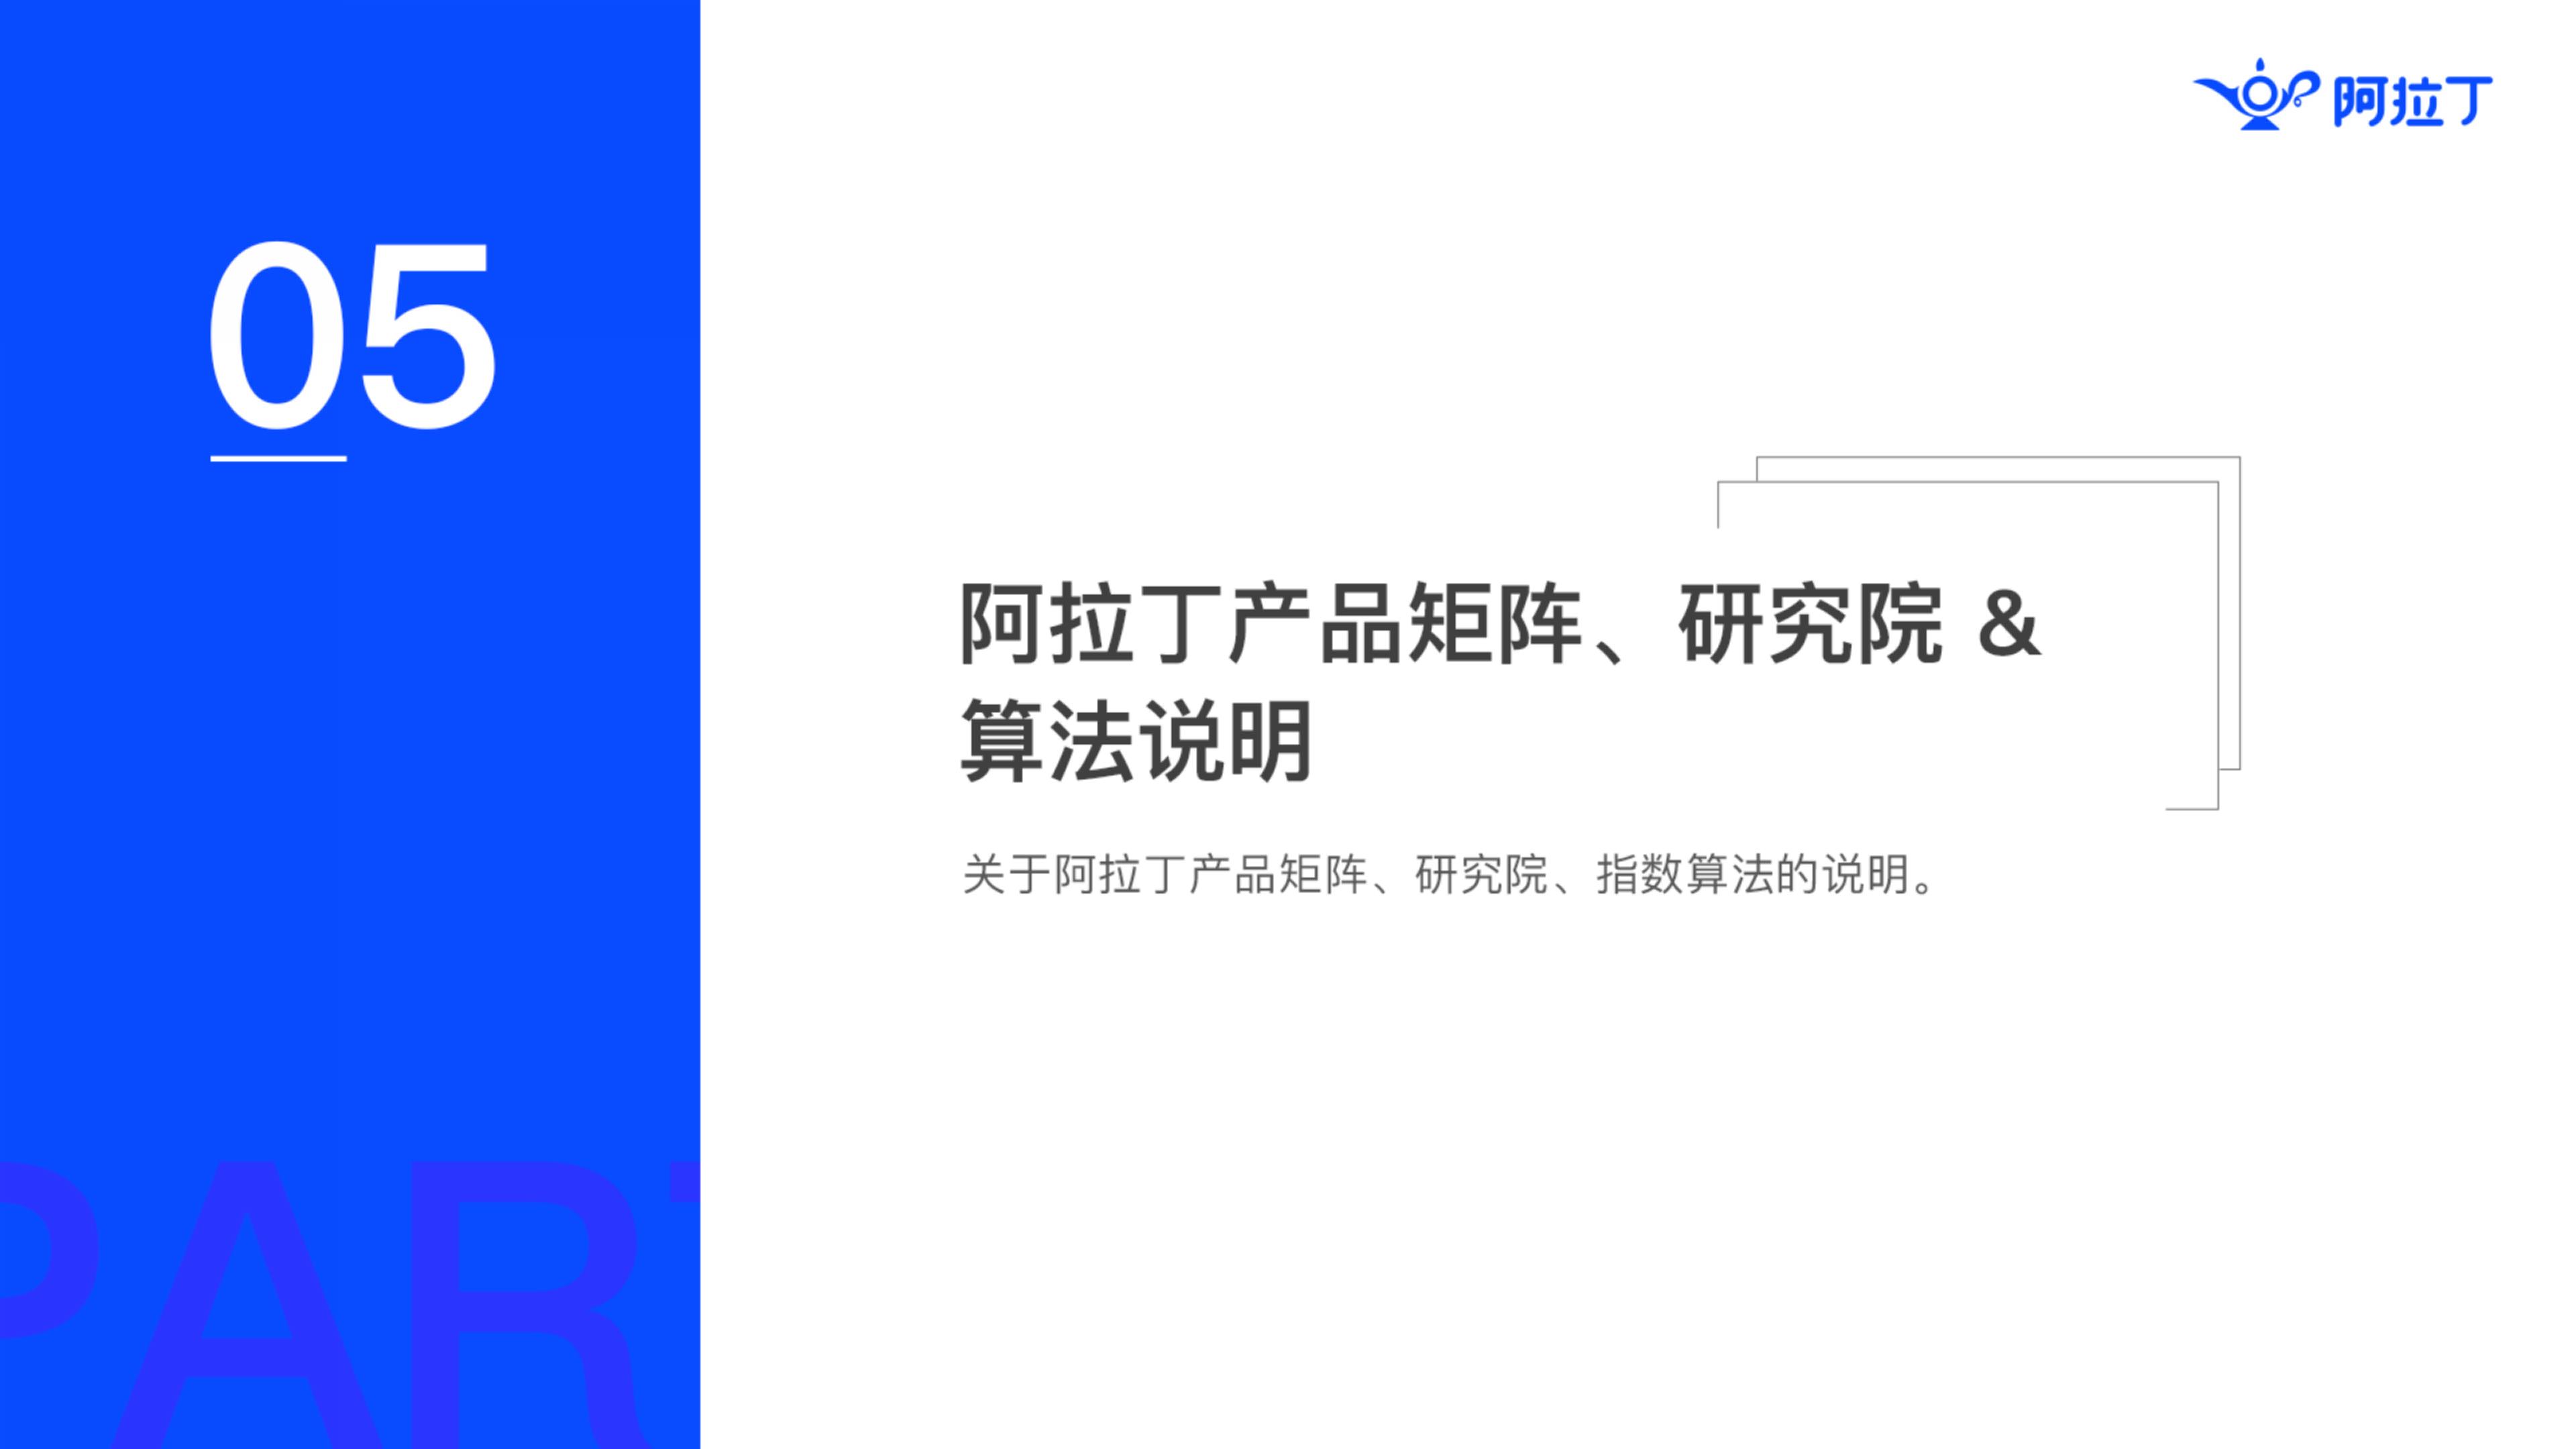 2019年3月中国小程序行业月度报告v5(1)_32.png